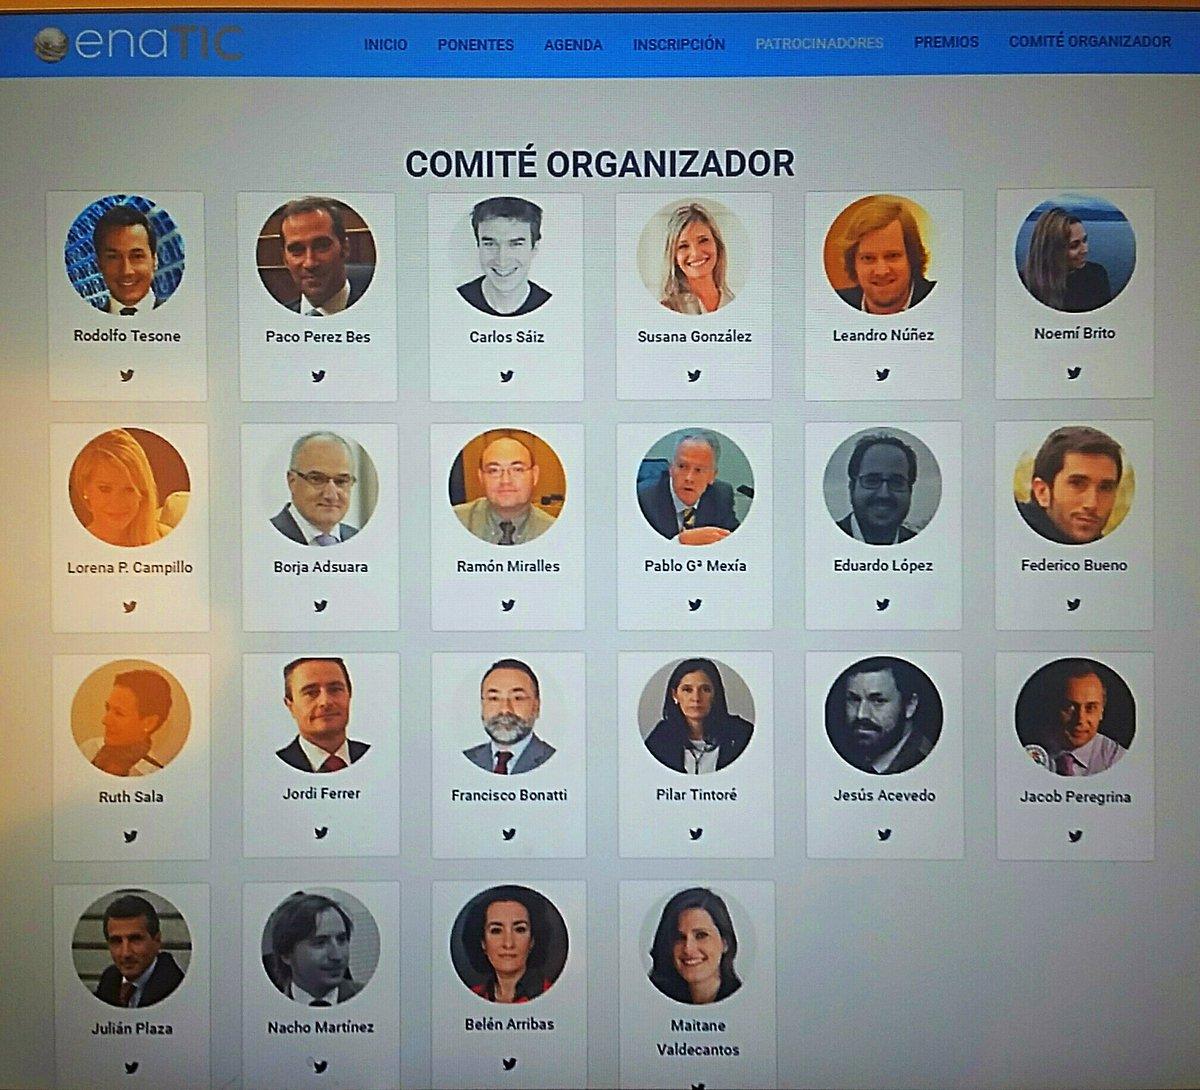 #FF por la #entrega, la #ilusión y el #trabajazo al #DreamTeamENATIC y Comité Organizador de #CongrENATIC Muchas ganas! Os esperamos! :)<br>http://pic.twitter.com/Keah8d5pxz